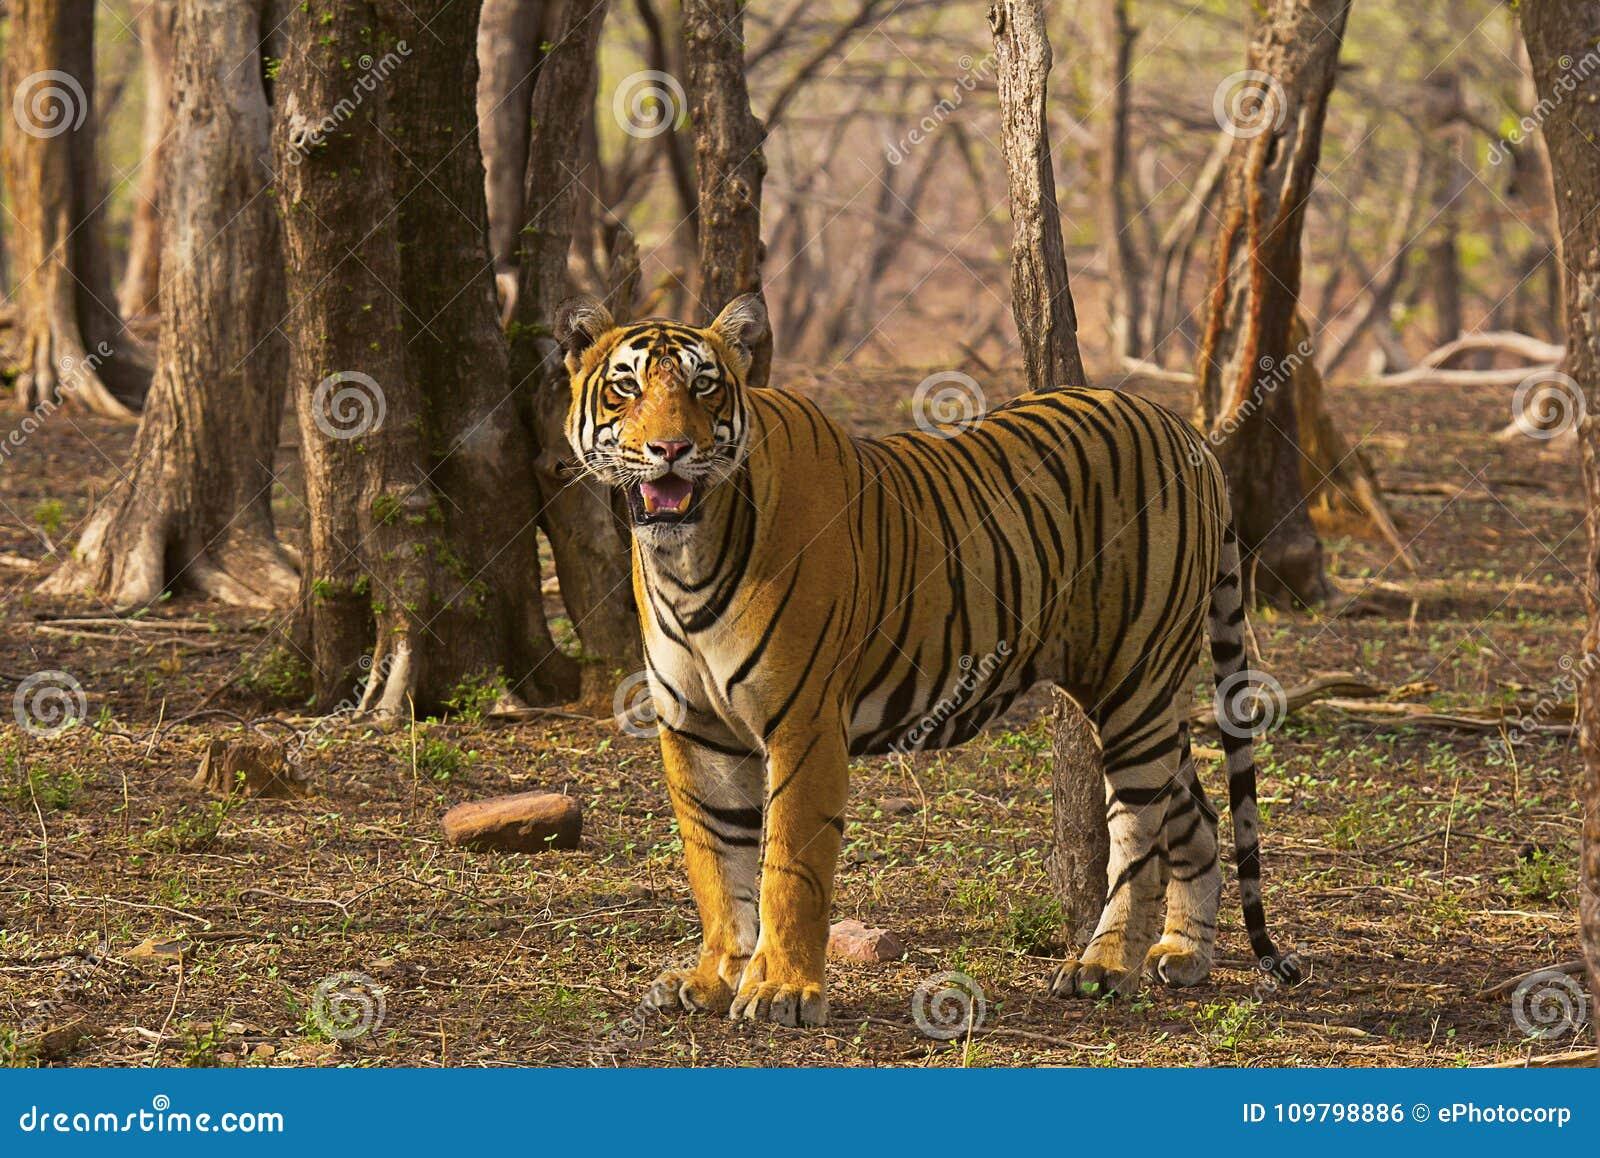 老虎Pacman,豹属底格里斯河, Ranthambhore老虎储备,拉贾斯坦